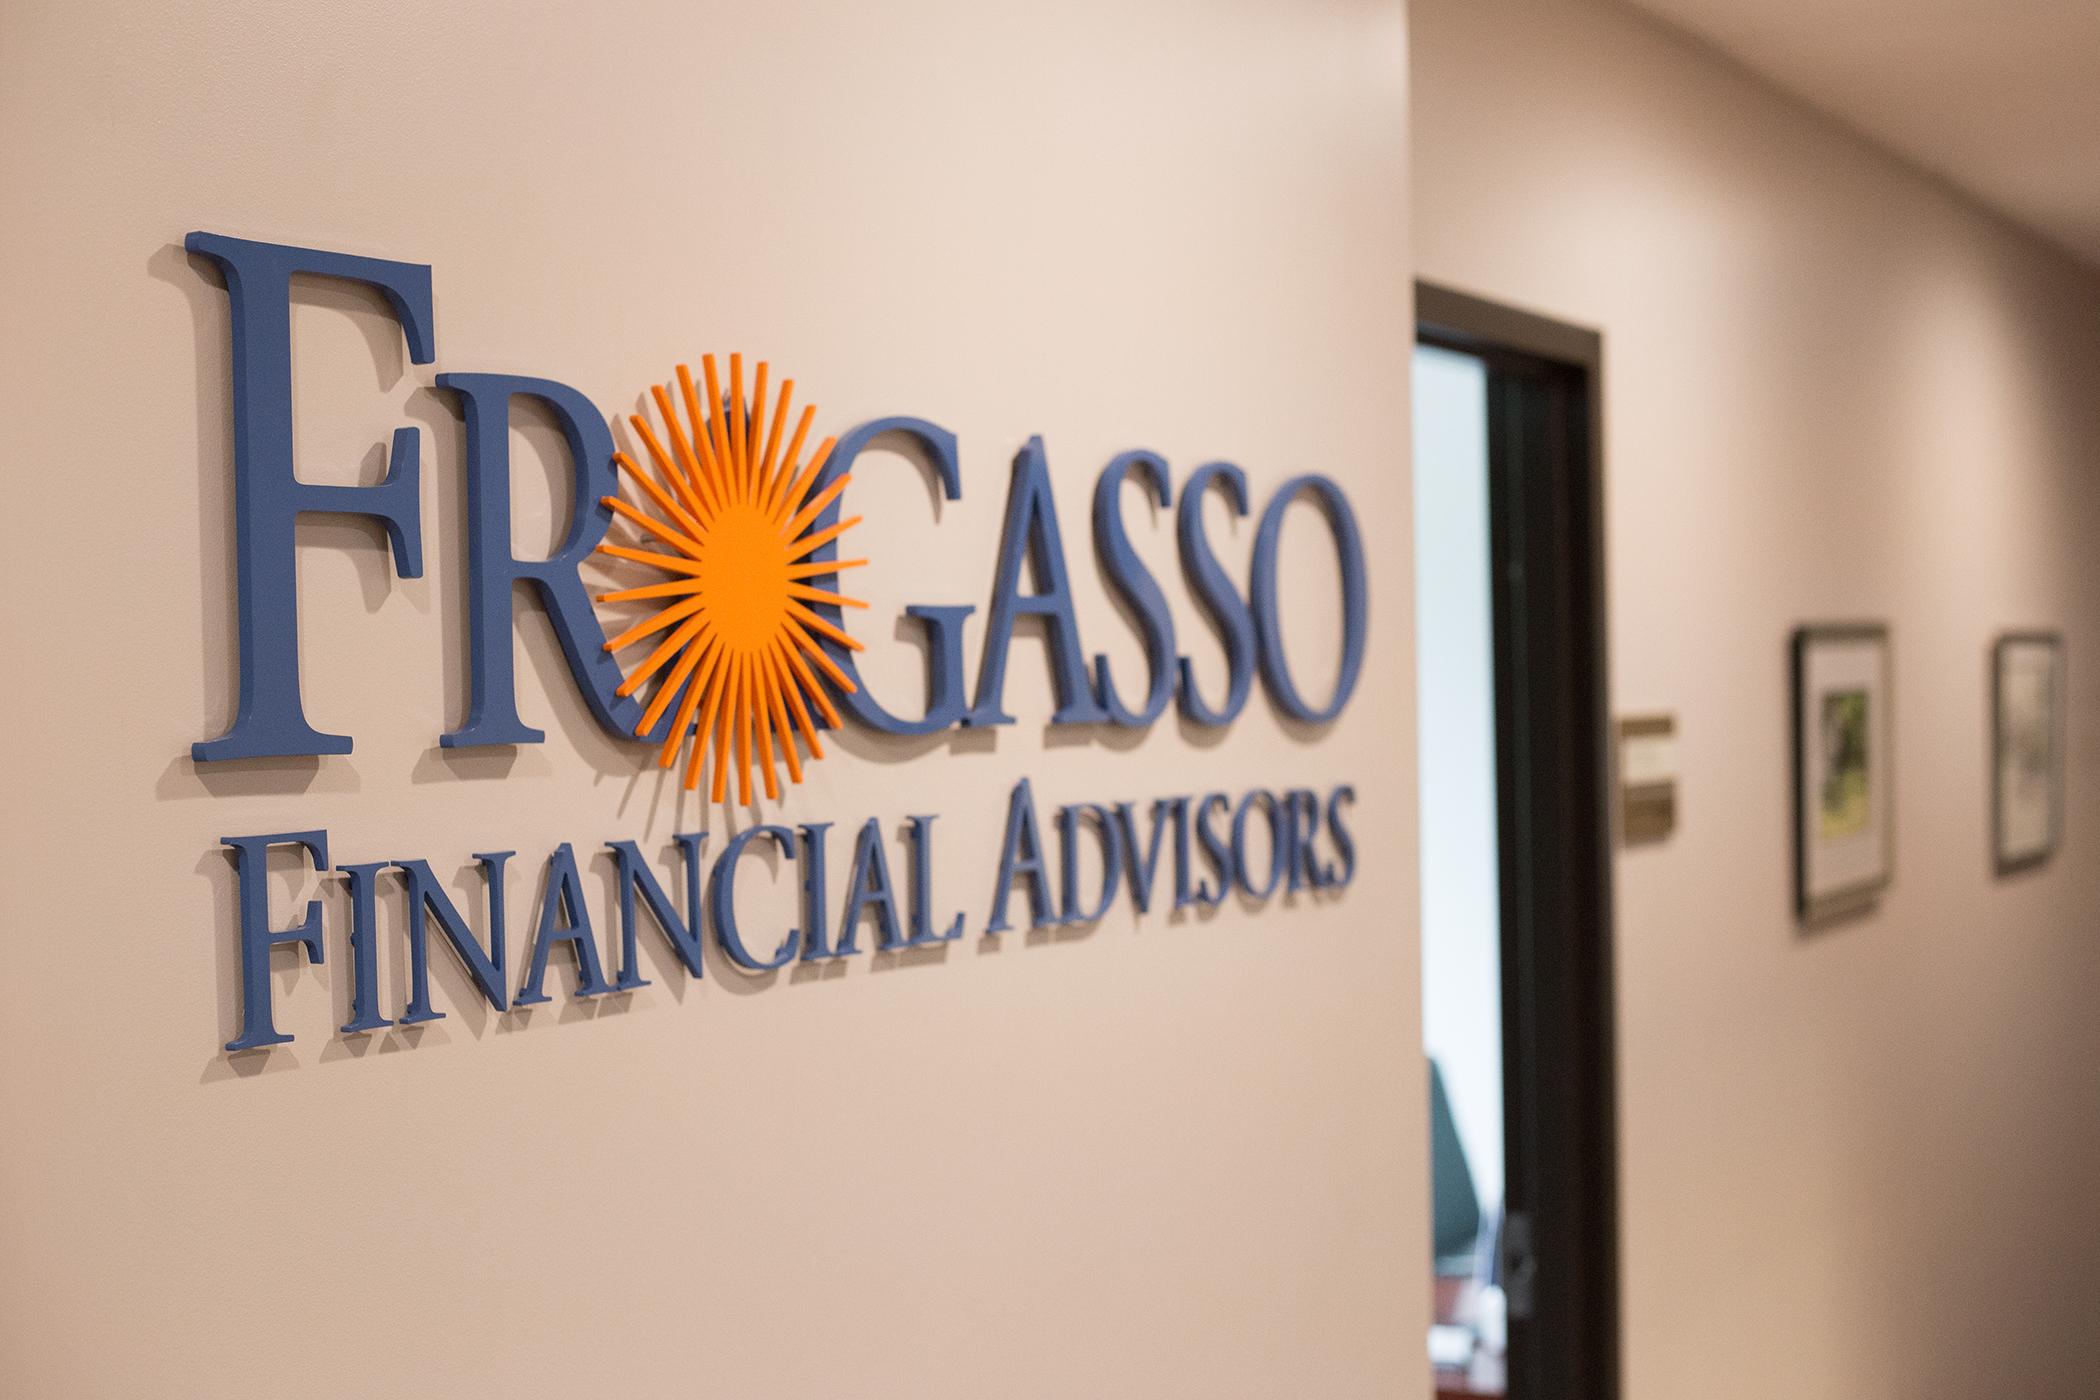 Fragasso Financial Advisors - Bethel Park, PA 15102 - (412)347-5508 | ShowMeLocal.com